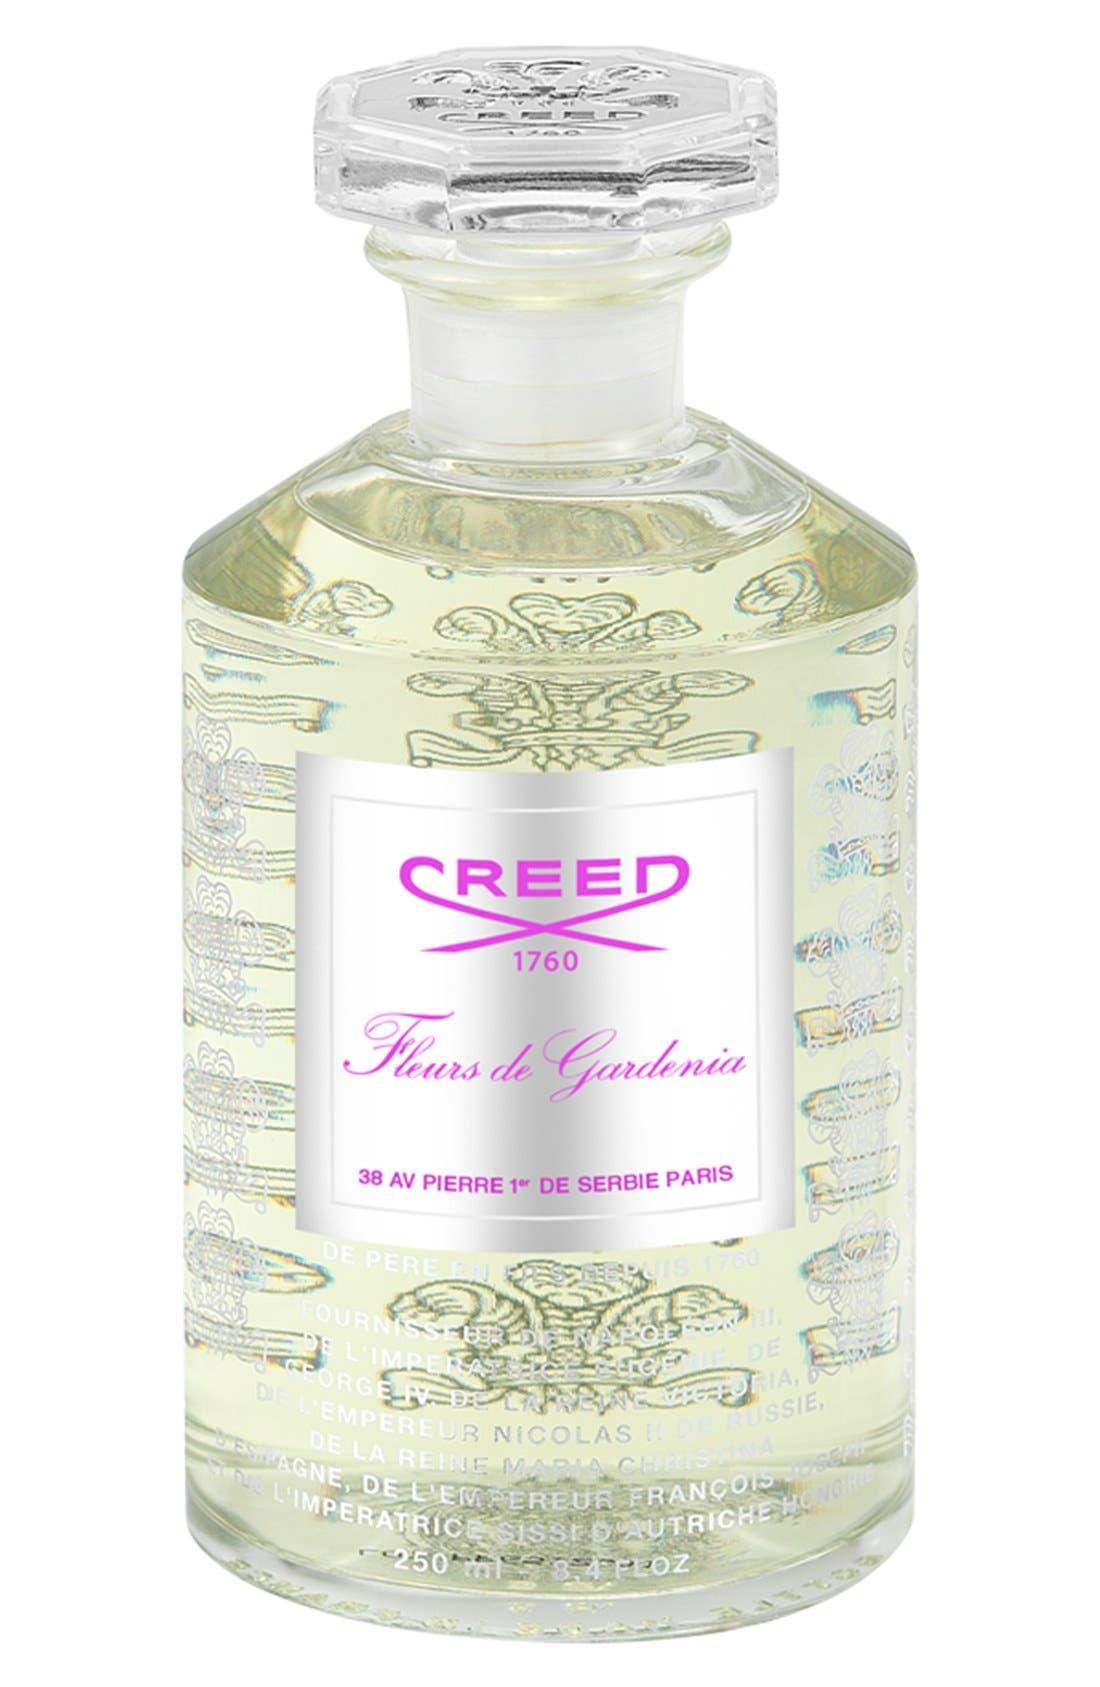 Creed 'Fleurs de Gardenia' Fragrance (8.4 oz.)